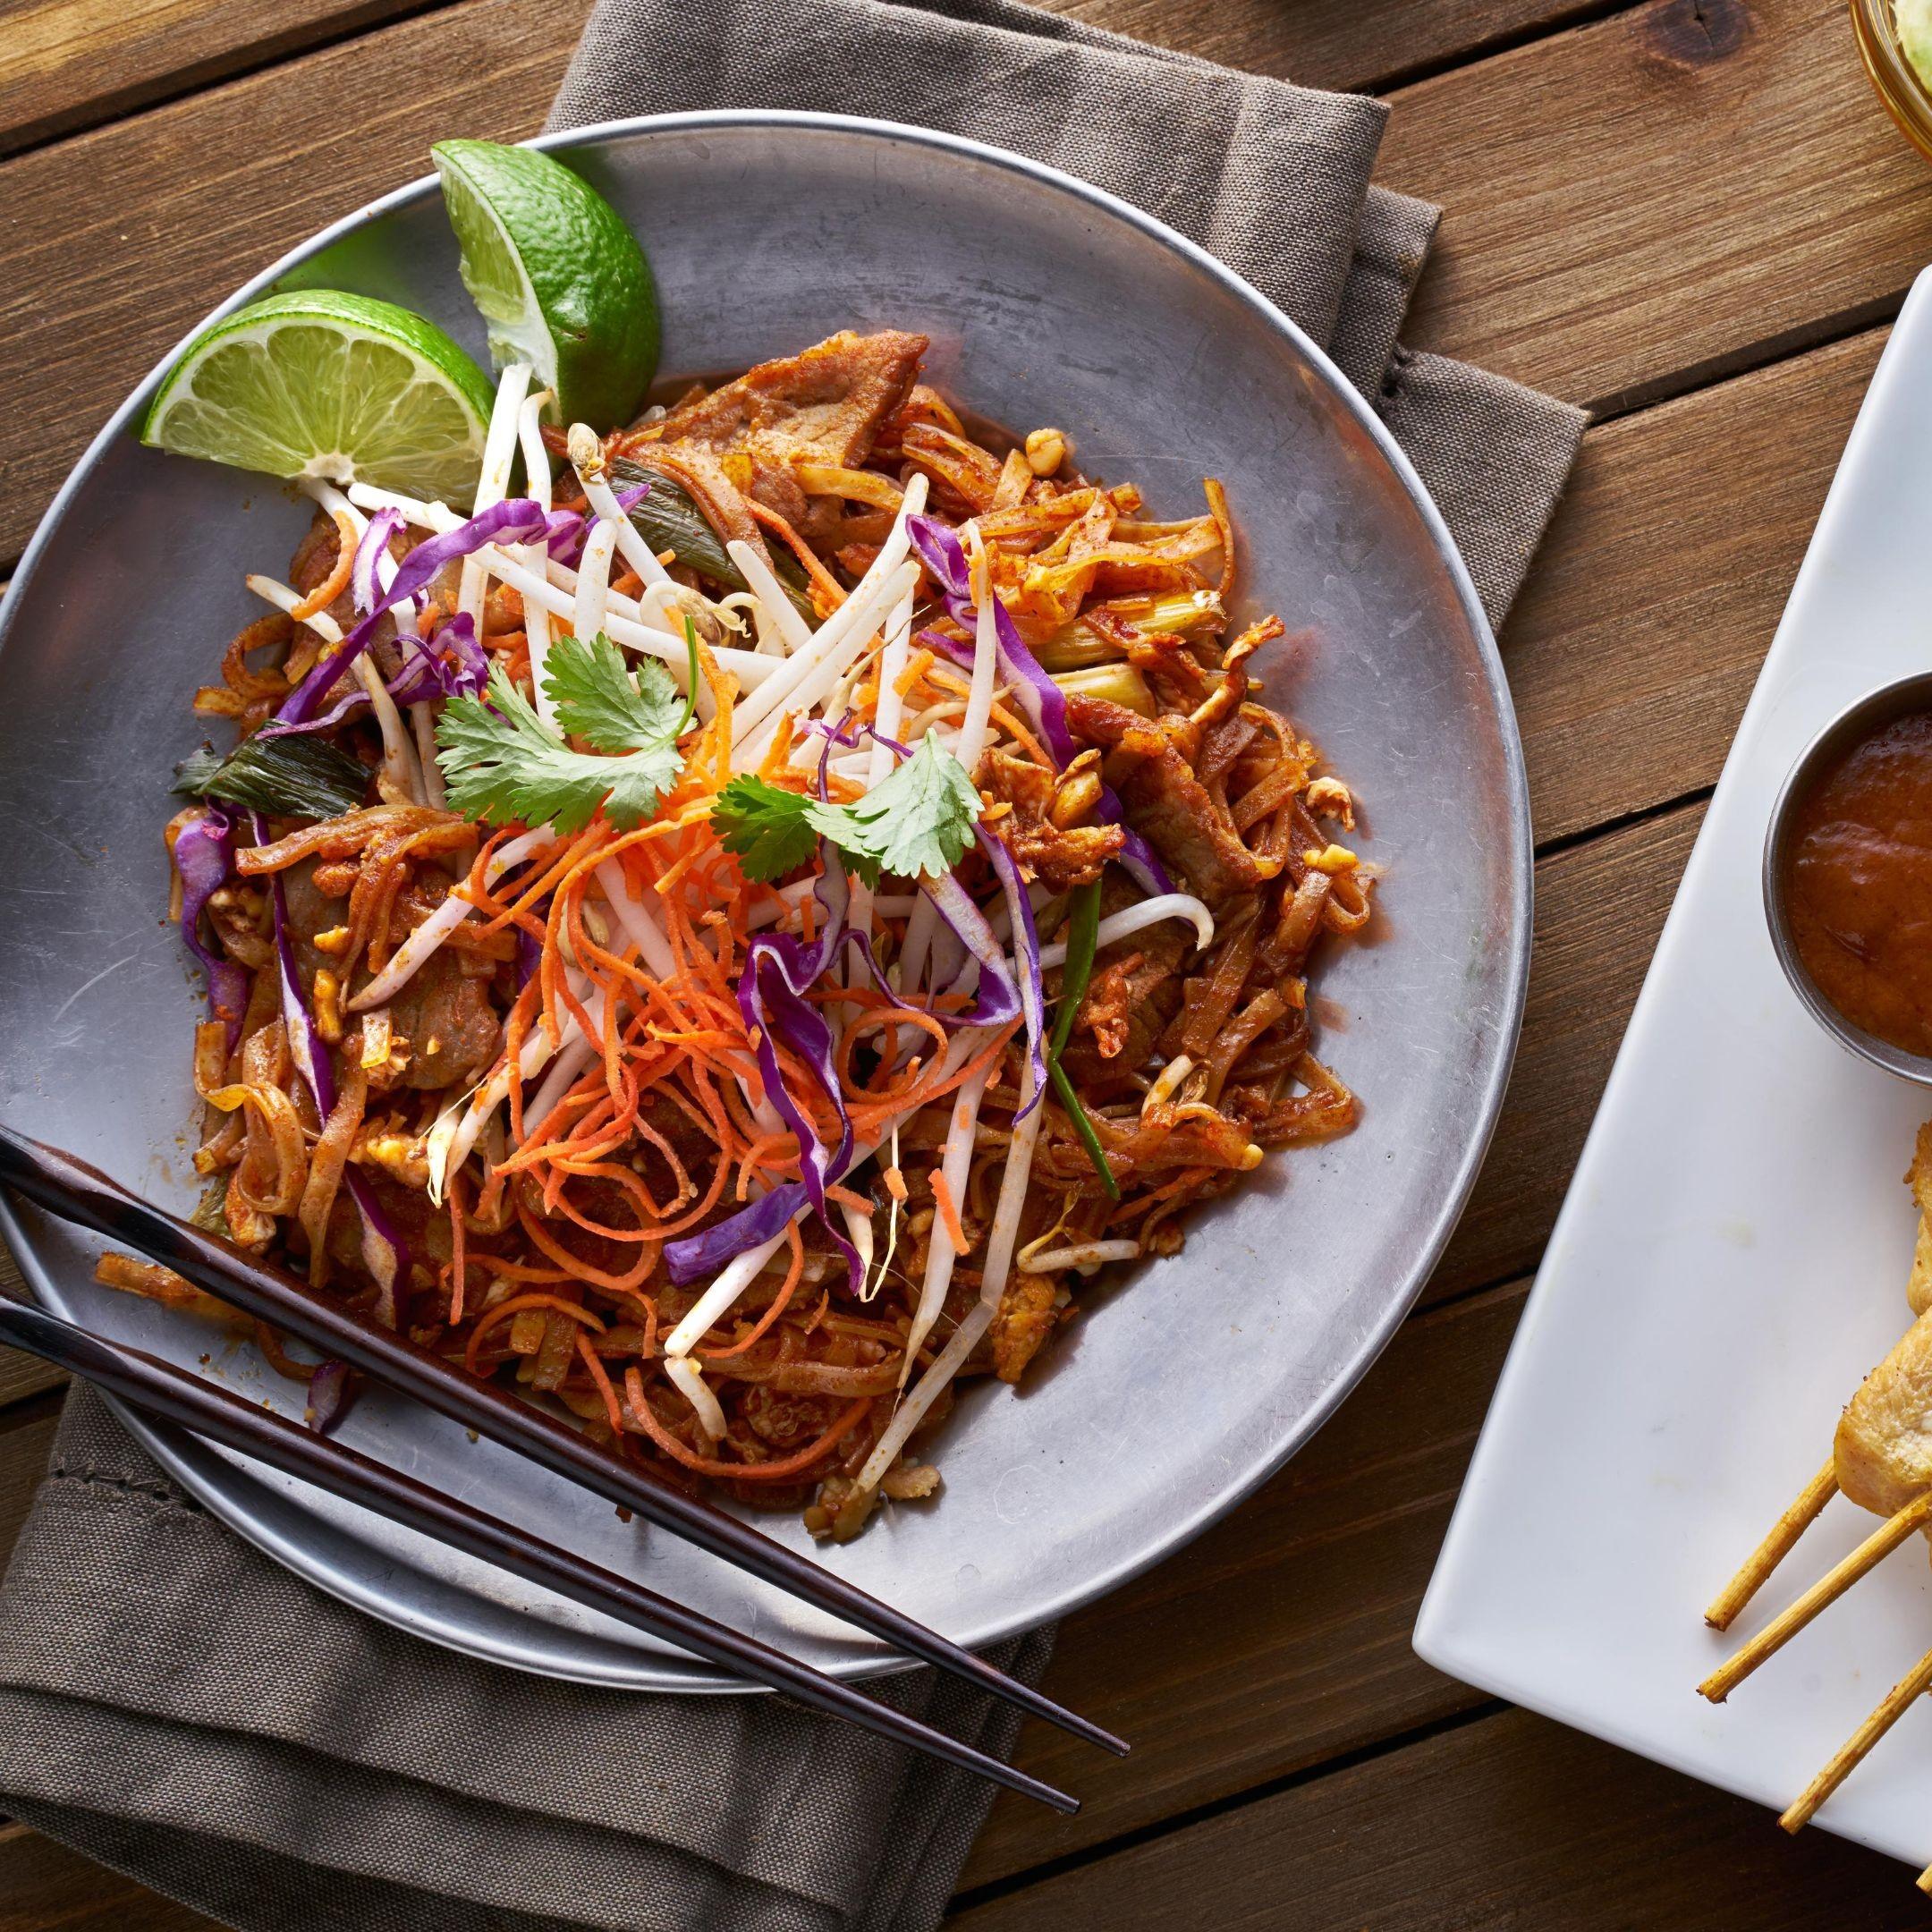 Yangtse Taste of Thai